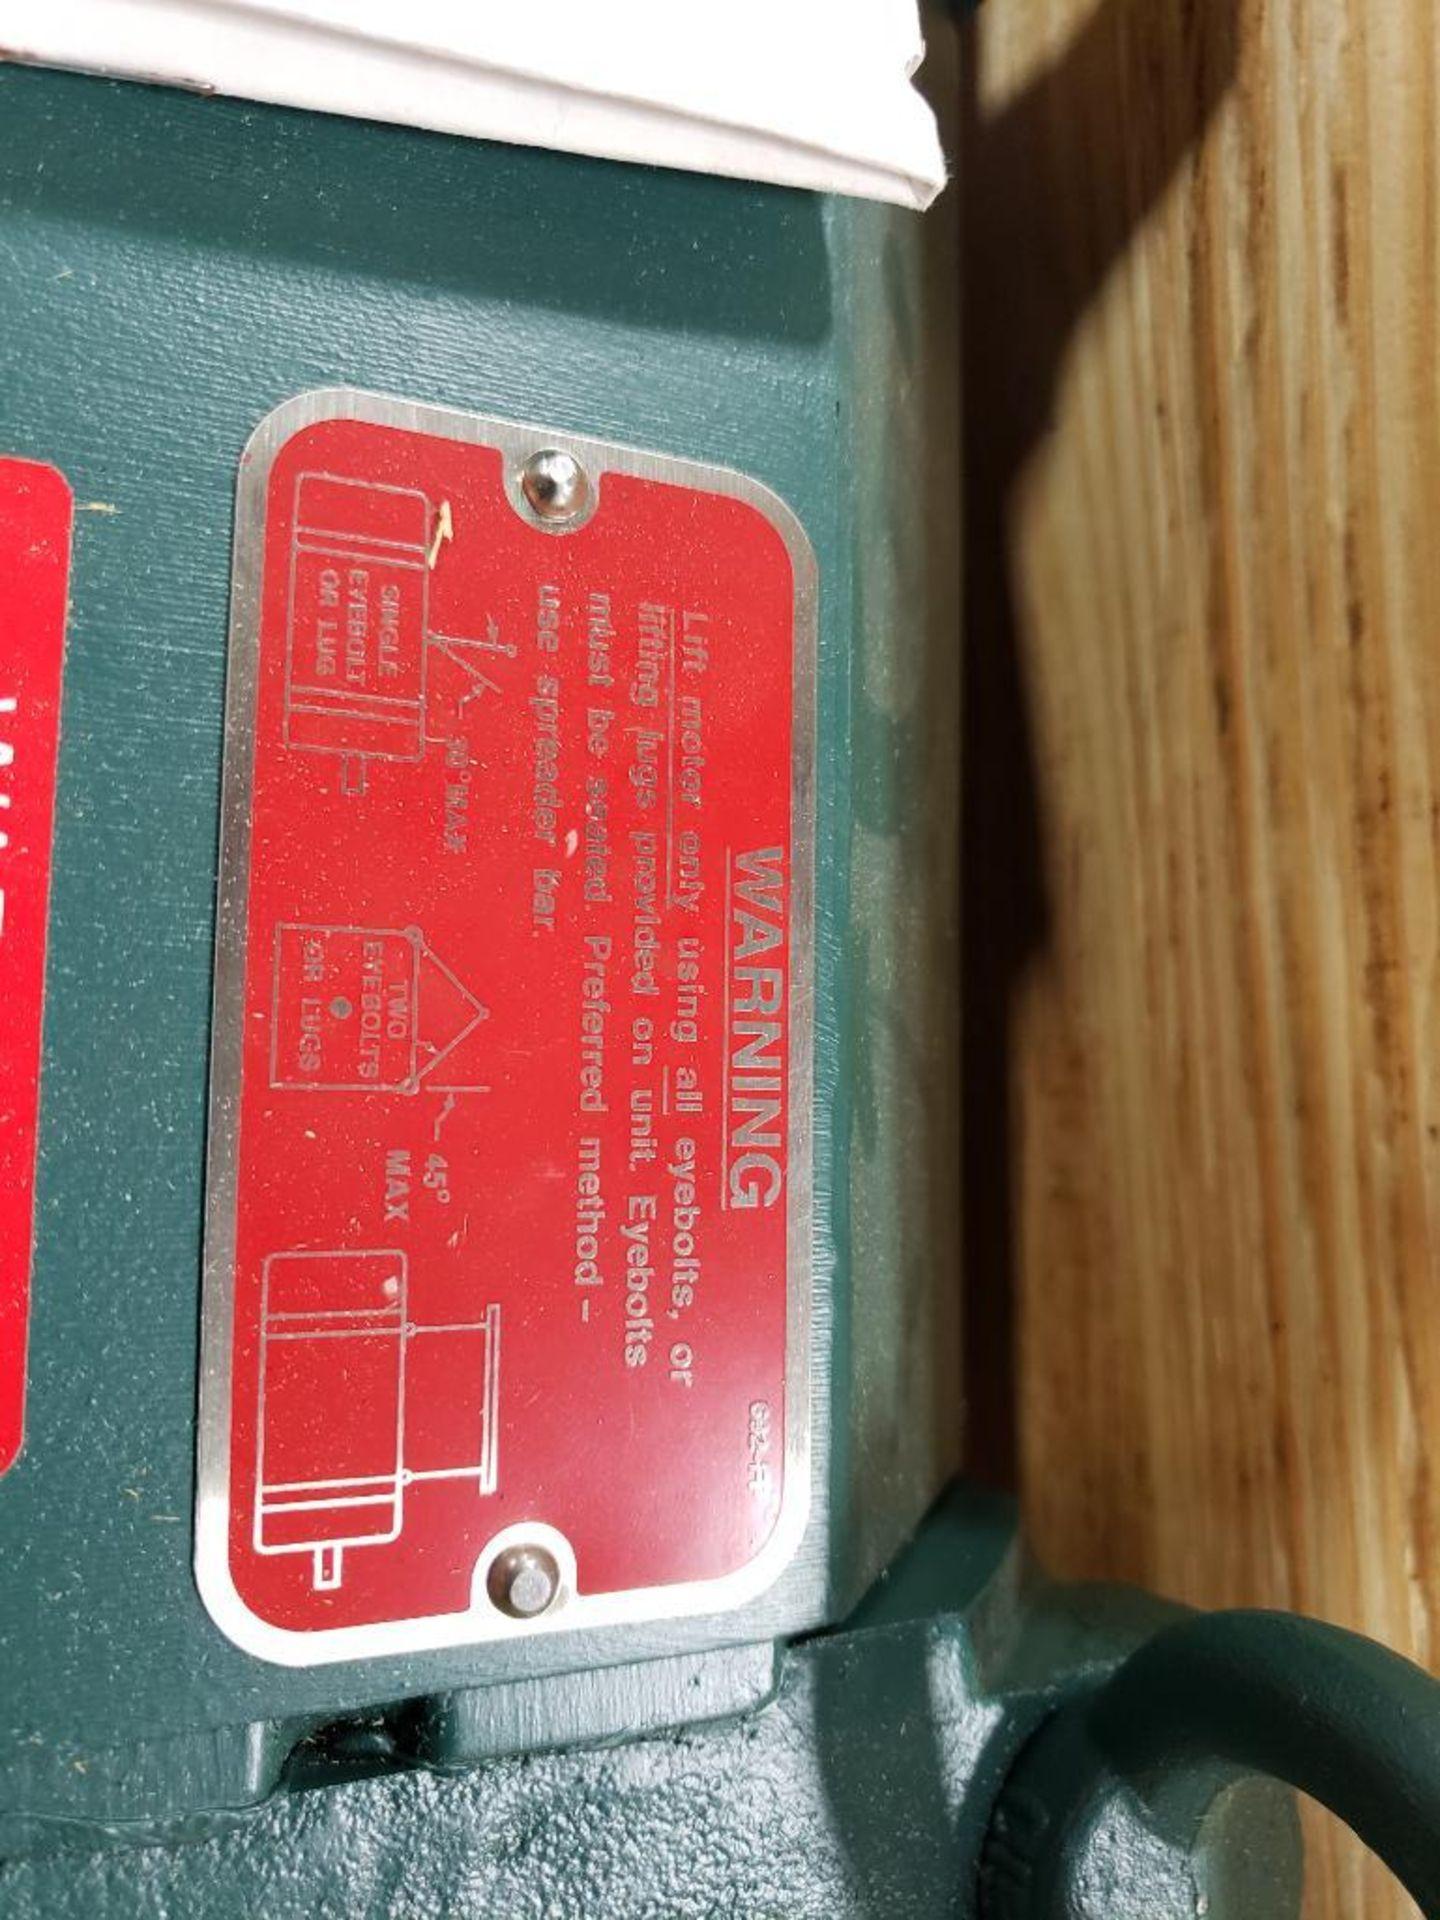 30kW Siemens 3PH Motor. 6986722-001-CJT3. 280V, 3550RM, RL2570Z-Frame. - Image 8 of 10